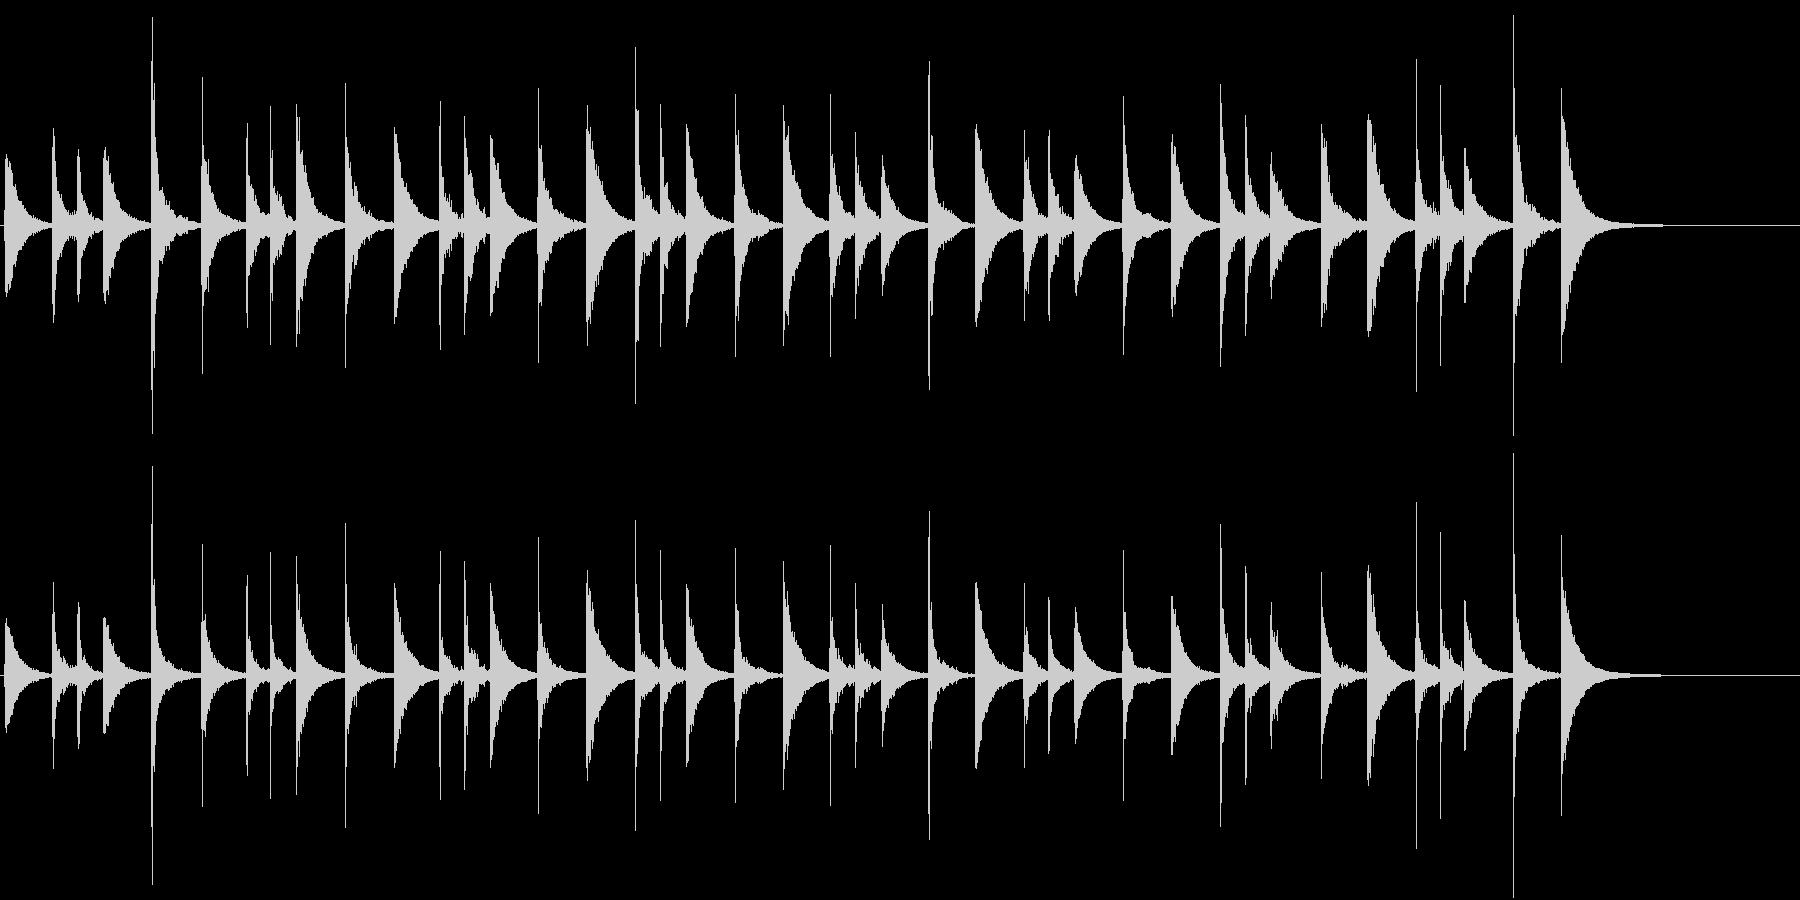 タンバリン:リオ:リズム、タンバリン音楽の未再生の波形